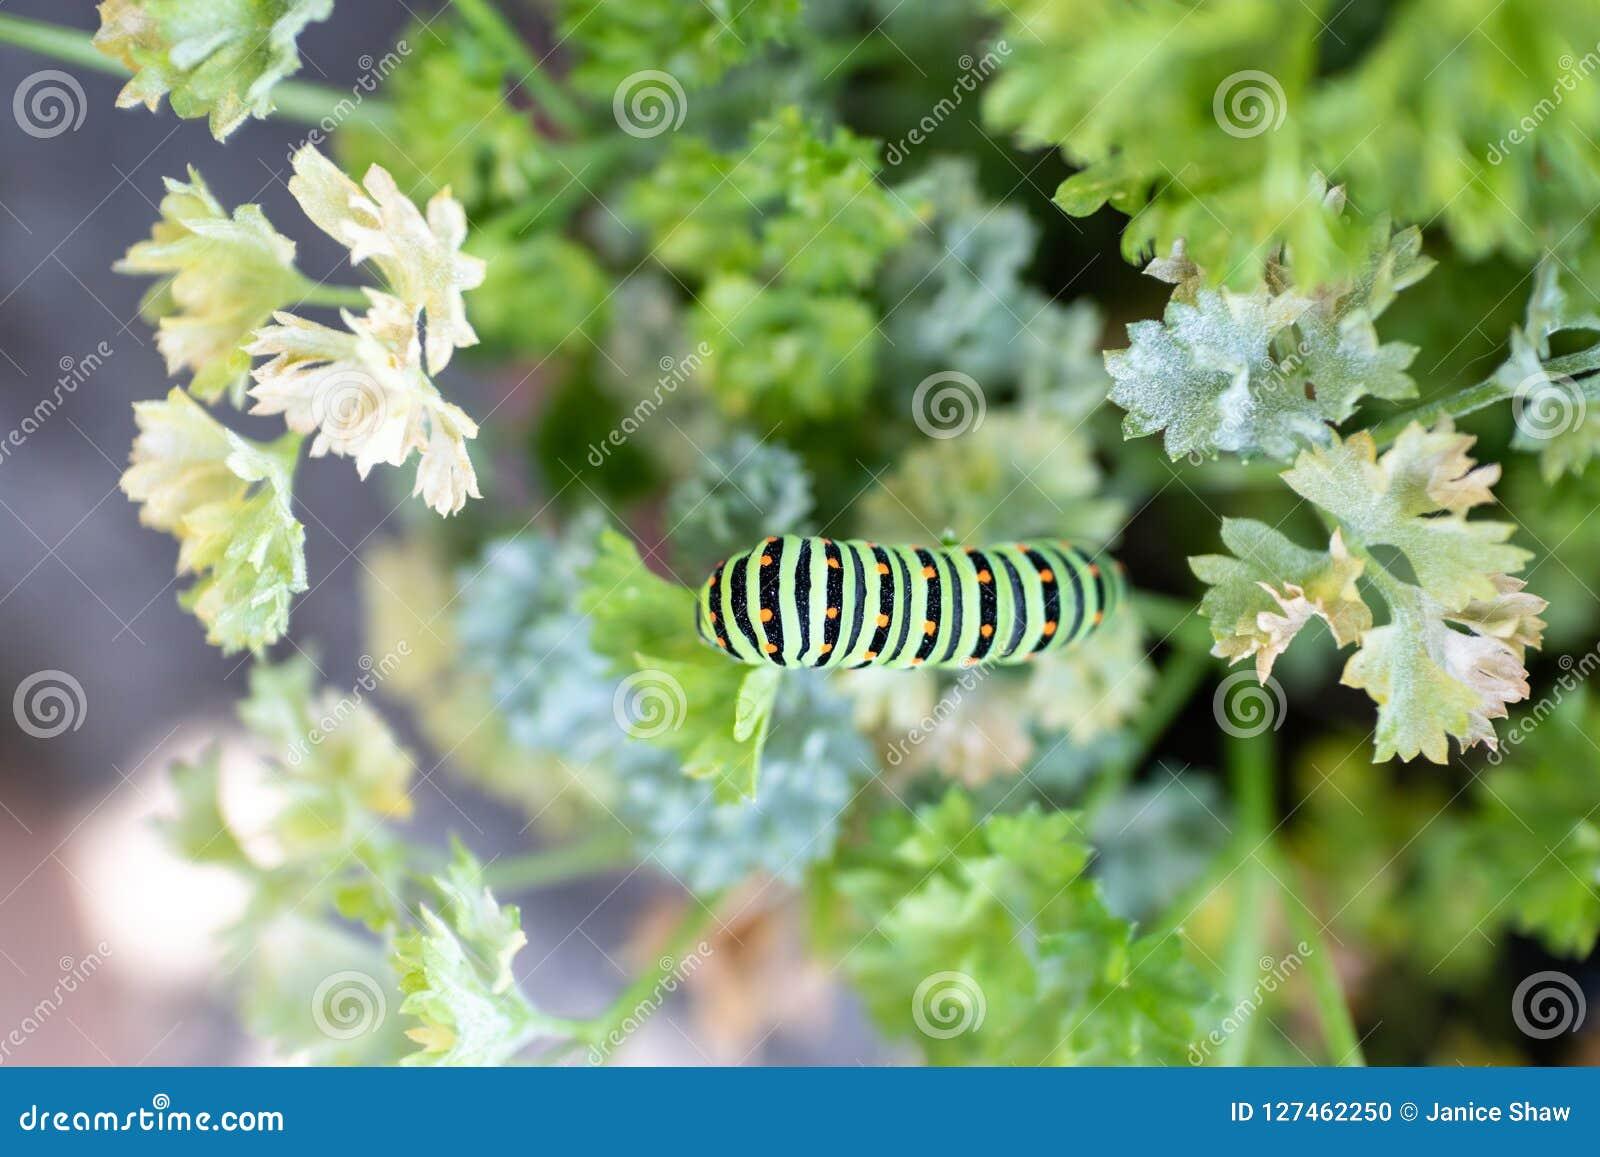 Μαύρο Swallowtail Caterpillar στο μαϊντανό